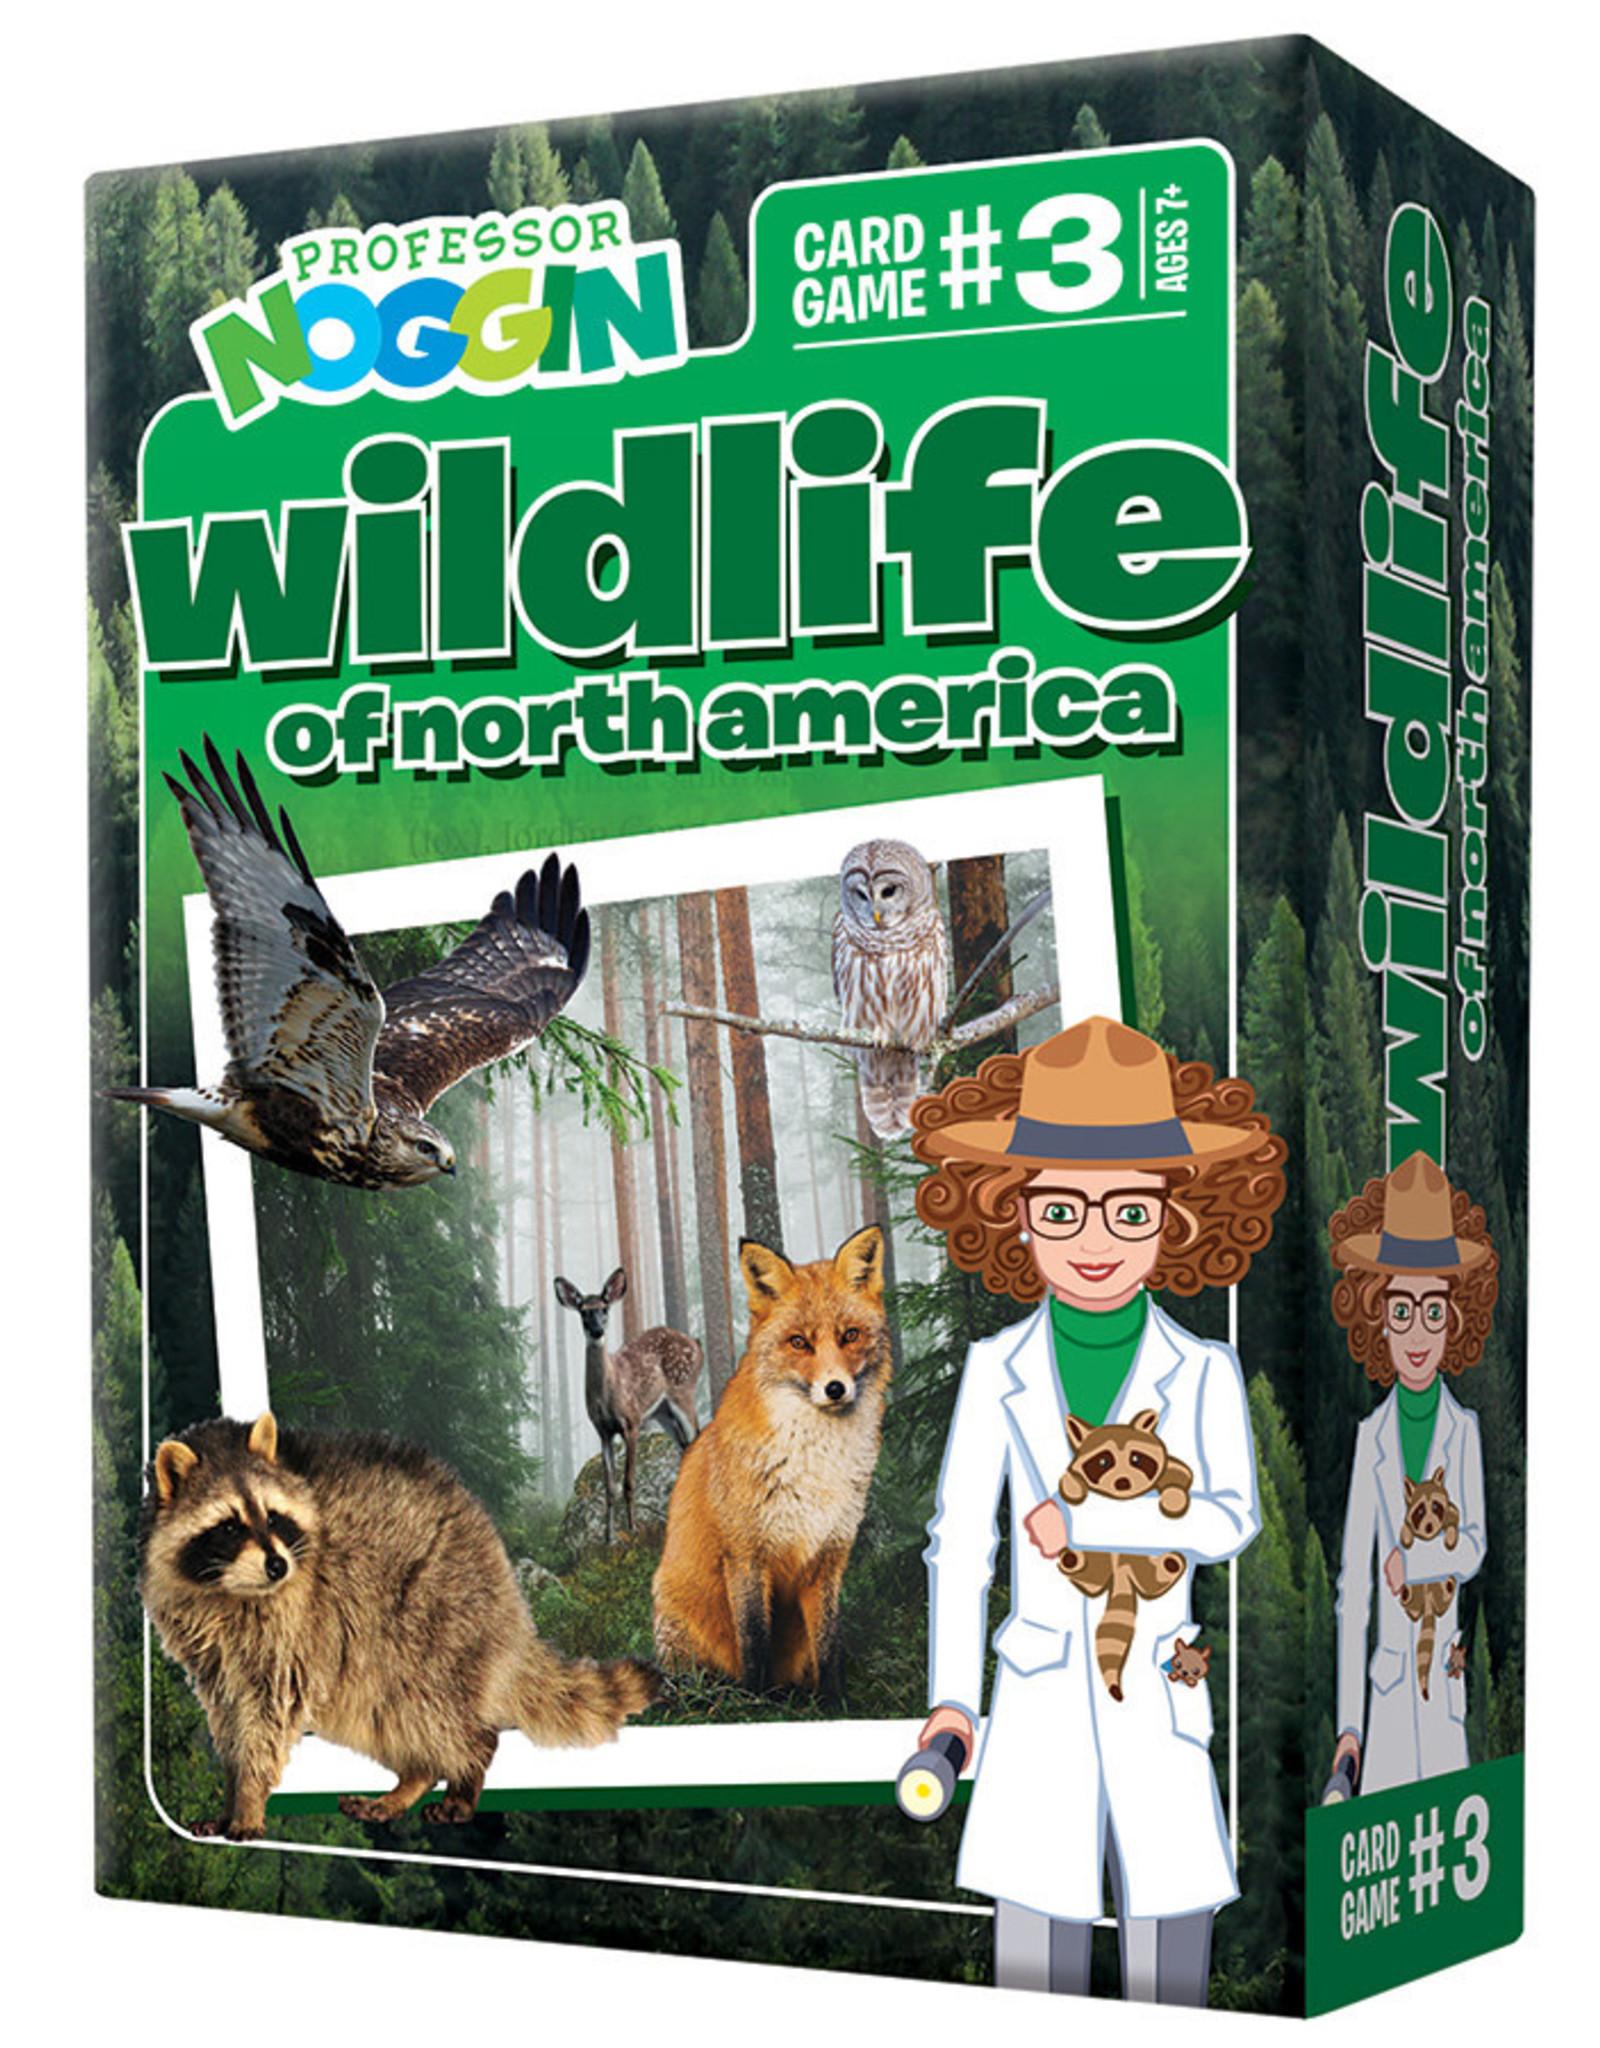 Professor Noggins Professor Noggins: Wildlife of North America